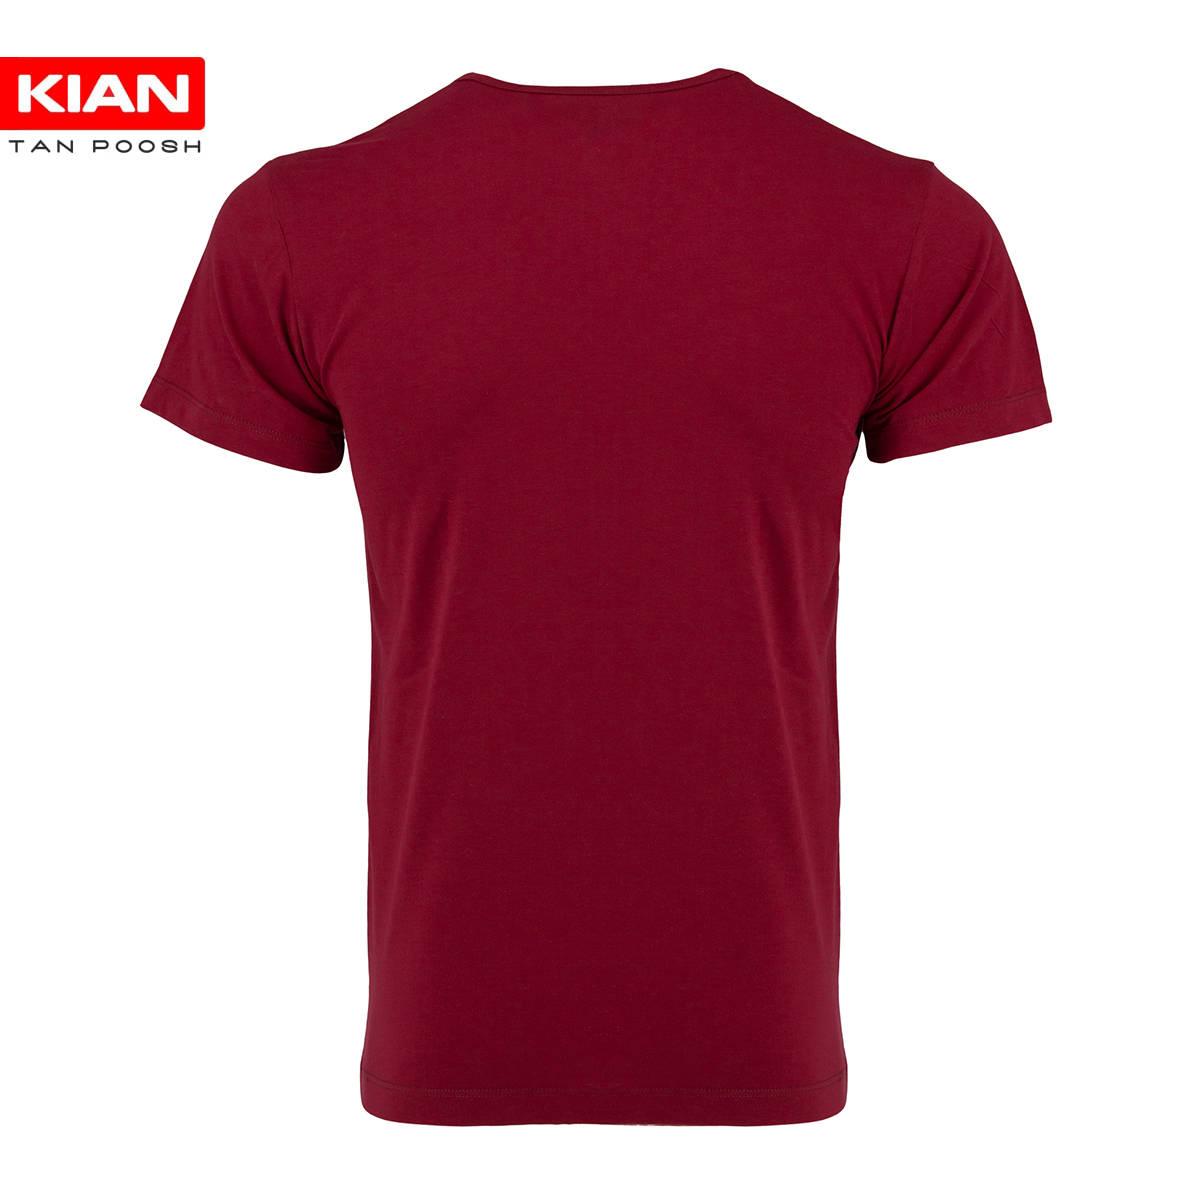 زیرپوش نیم آستین کلاسیک مردانه ساده پنبه قرمز